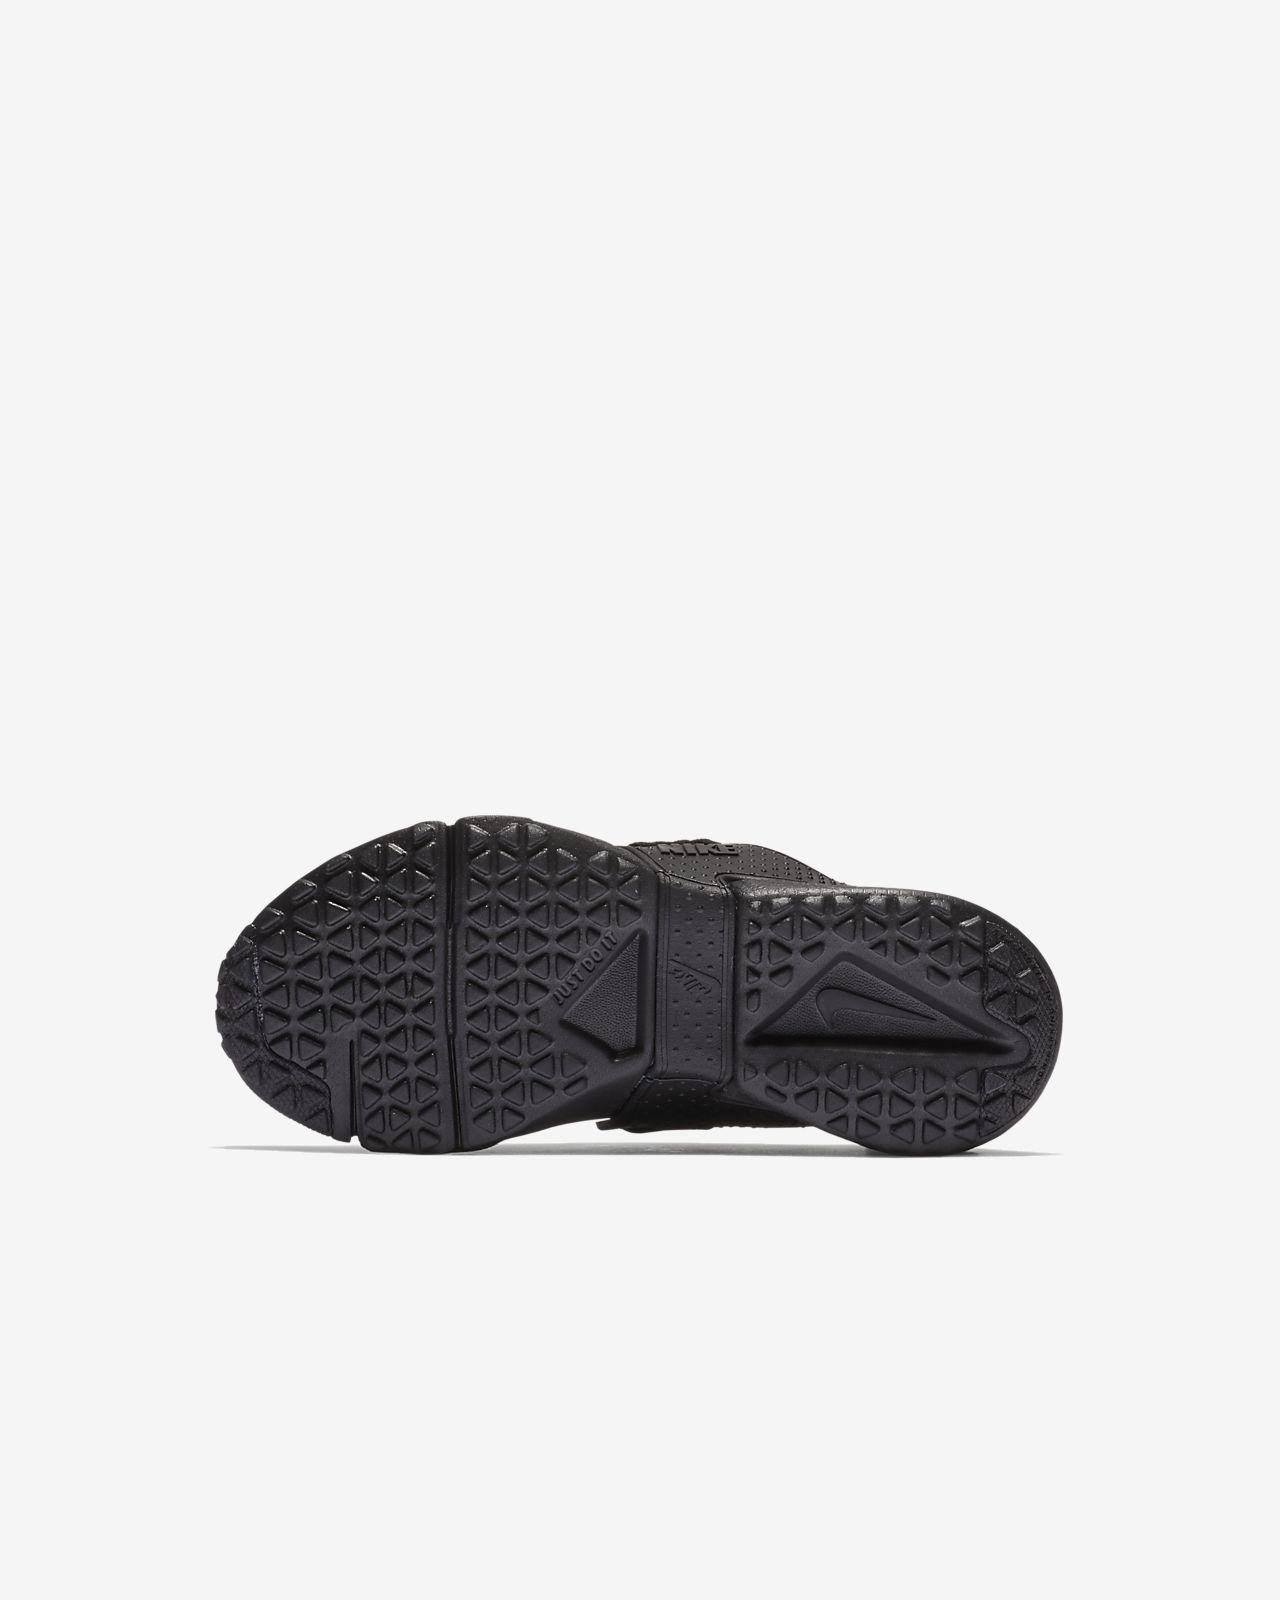 479ef33fbfdc Nike Huarache Extreme Little Kids  Shoe. Nike.com